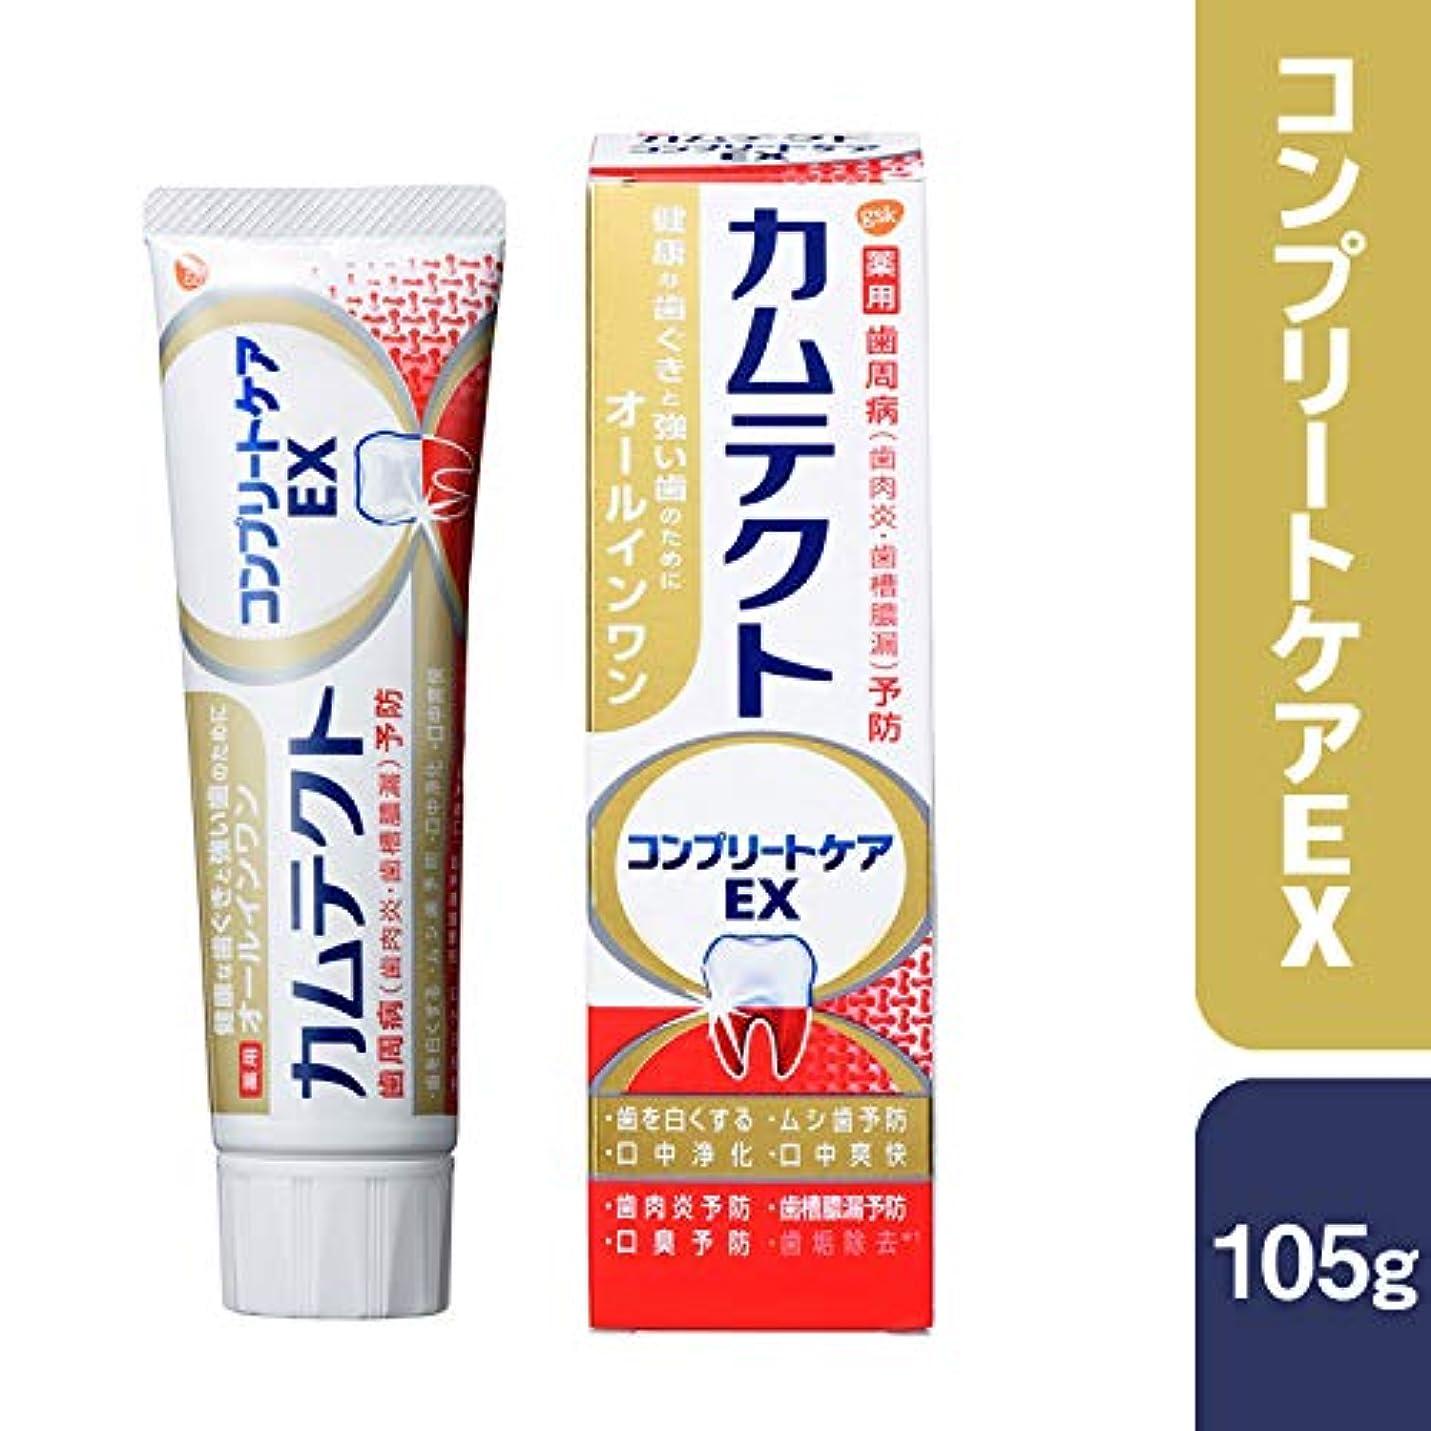 資格シリングカプラーカムテクト コンプリートケアEX 歯周病(歯肉炎?歯槽膿漏) 予防 歯磨き粉 105g